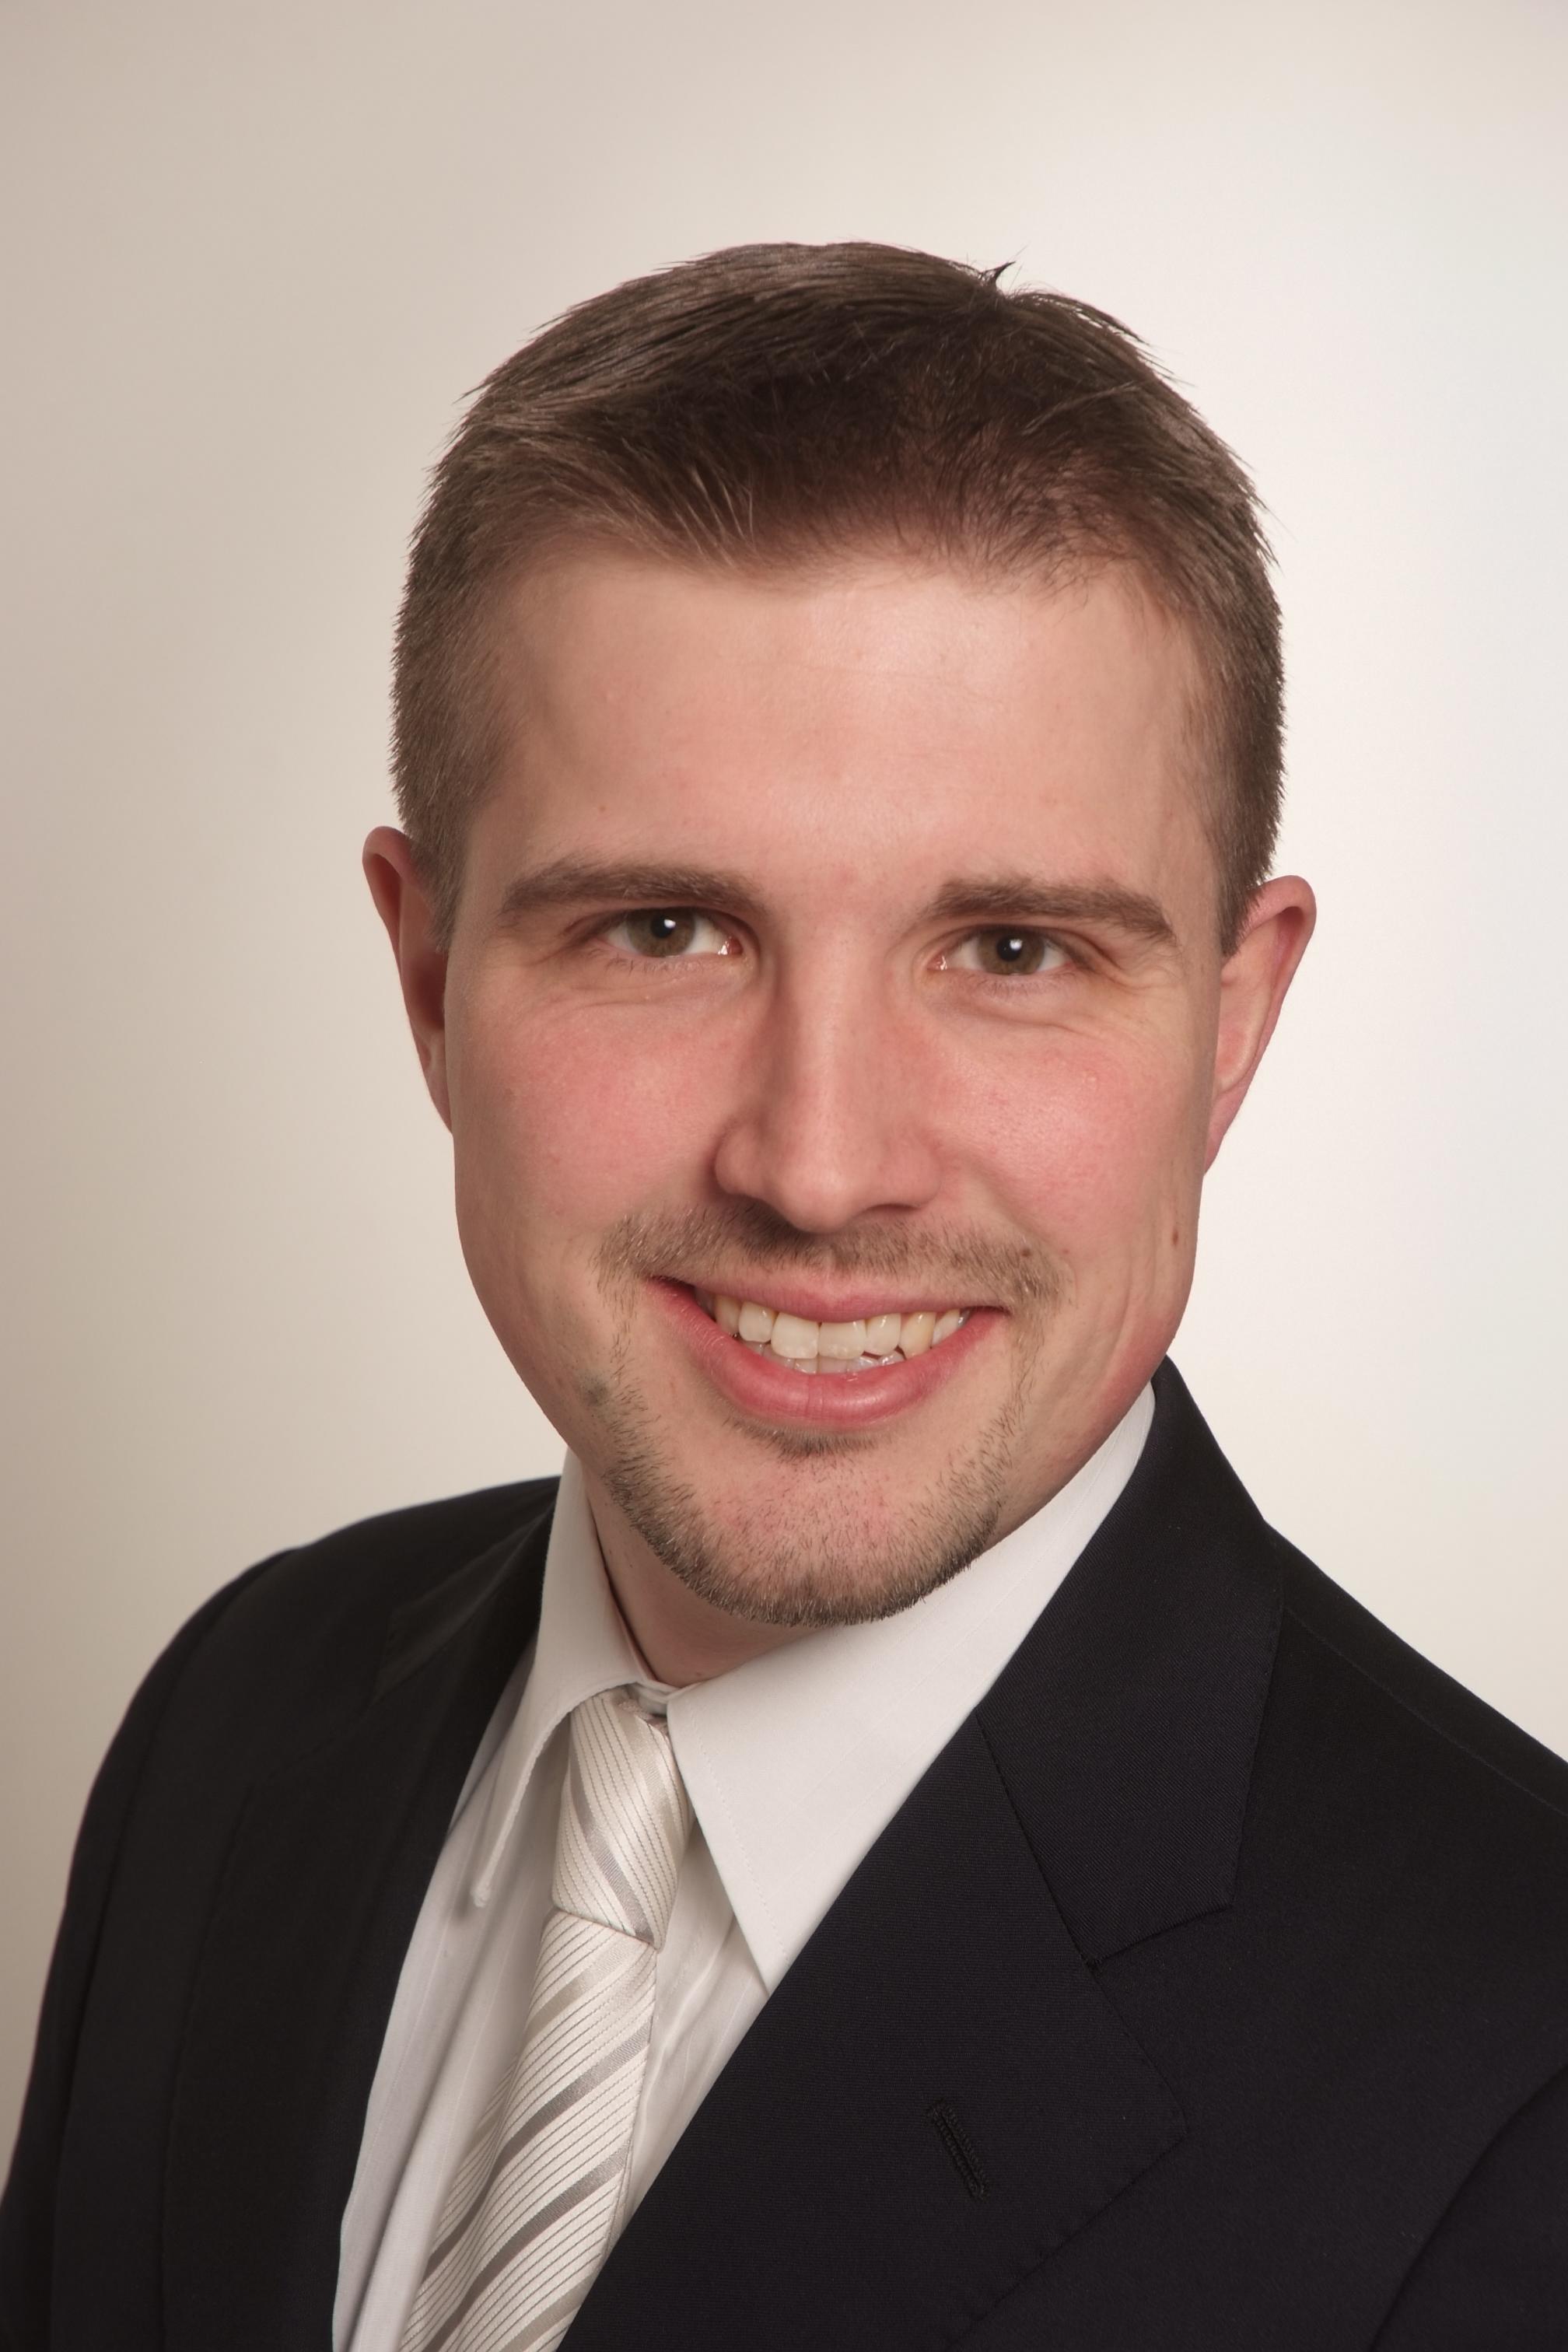 Daniel Hackenjos